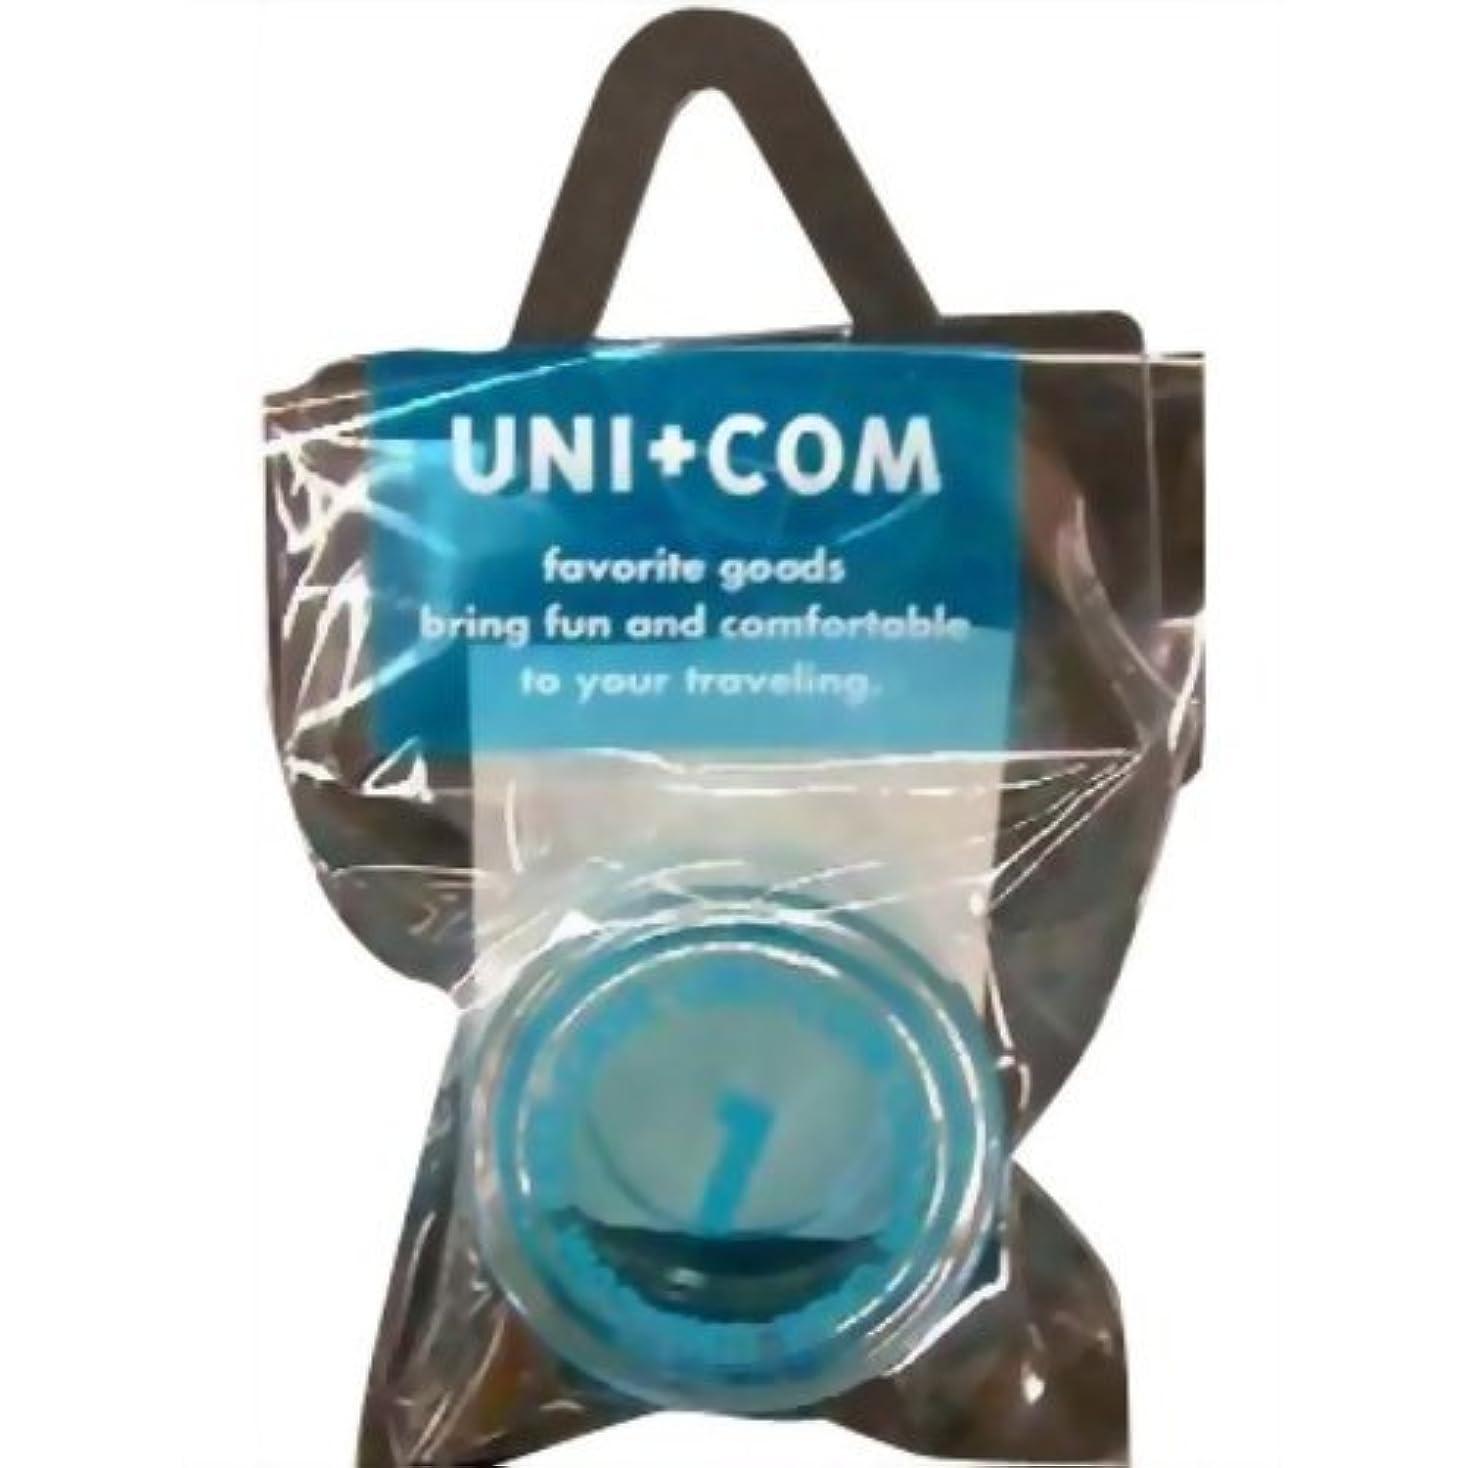 もっともらしい代替案申し込むユニコム クリームケース 10g ブルー